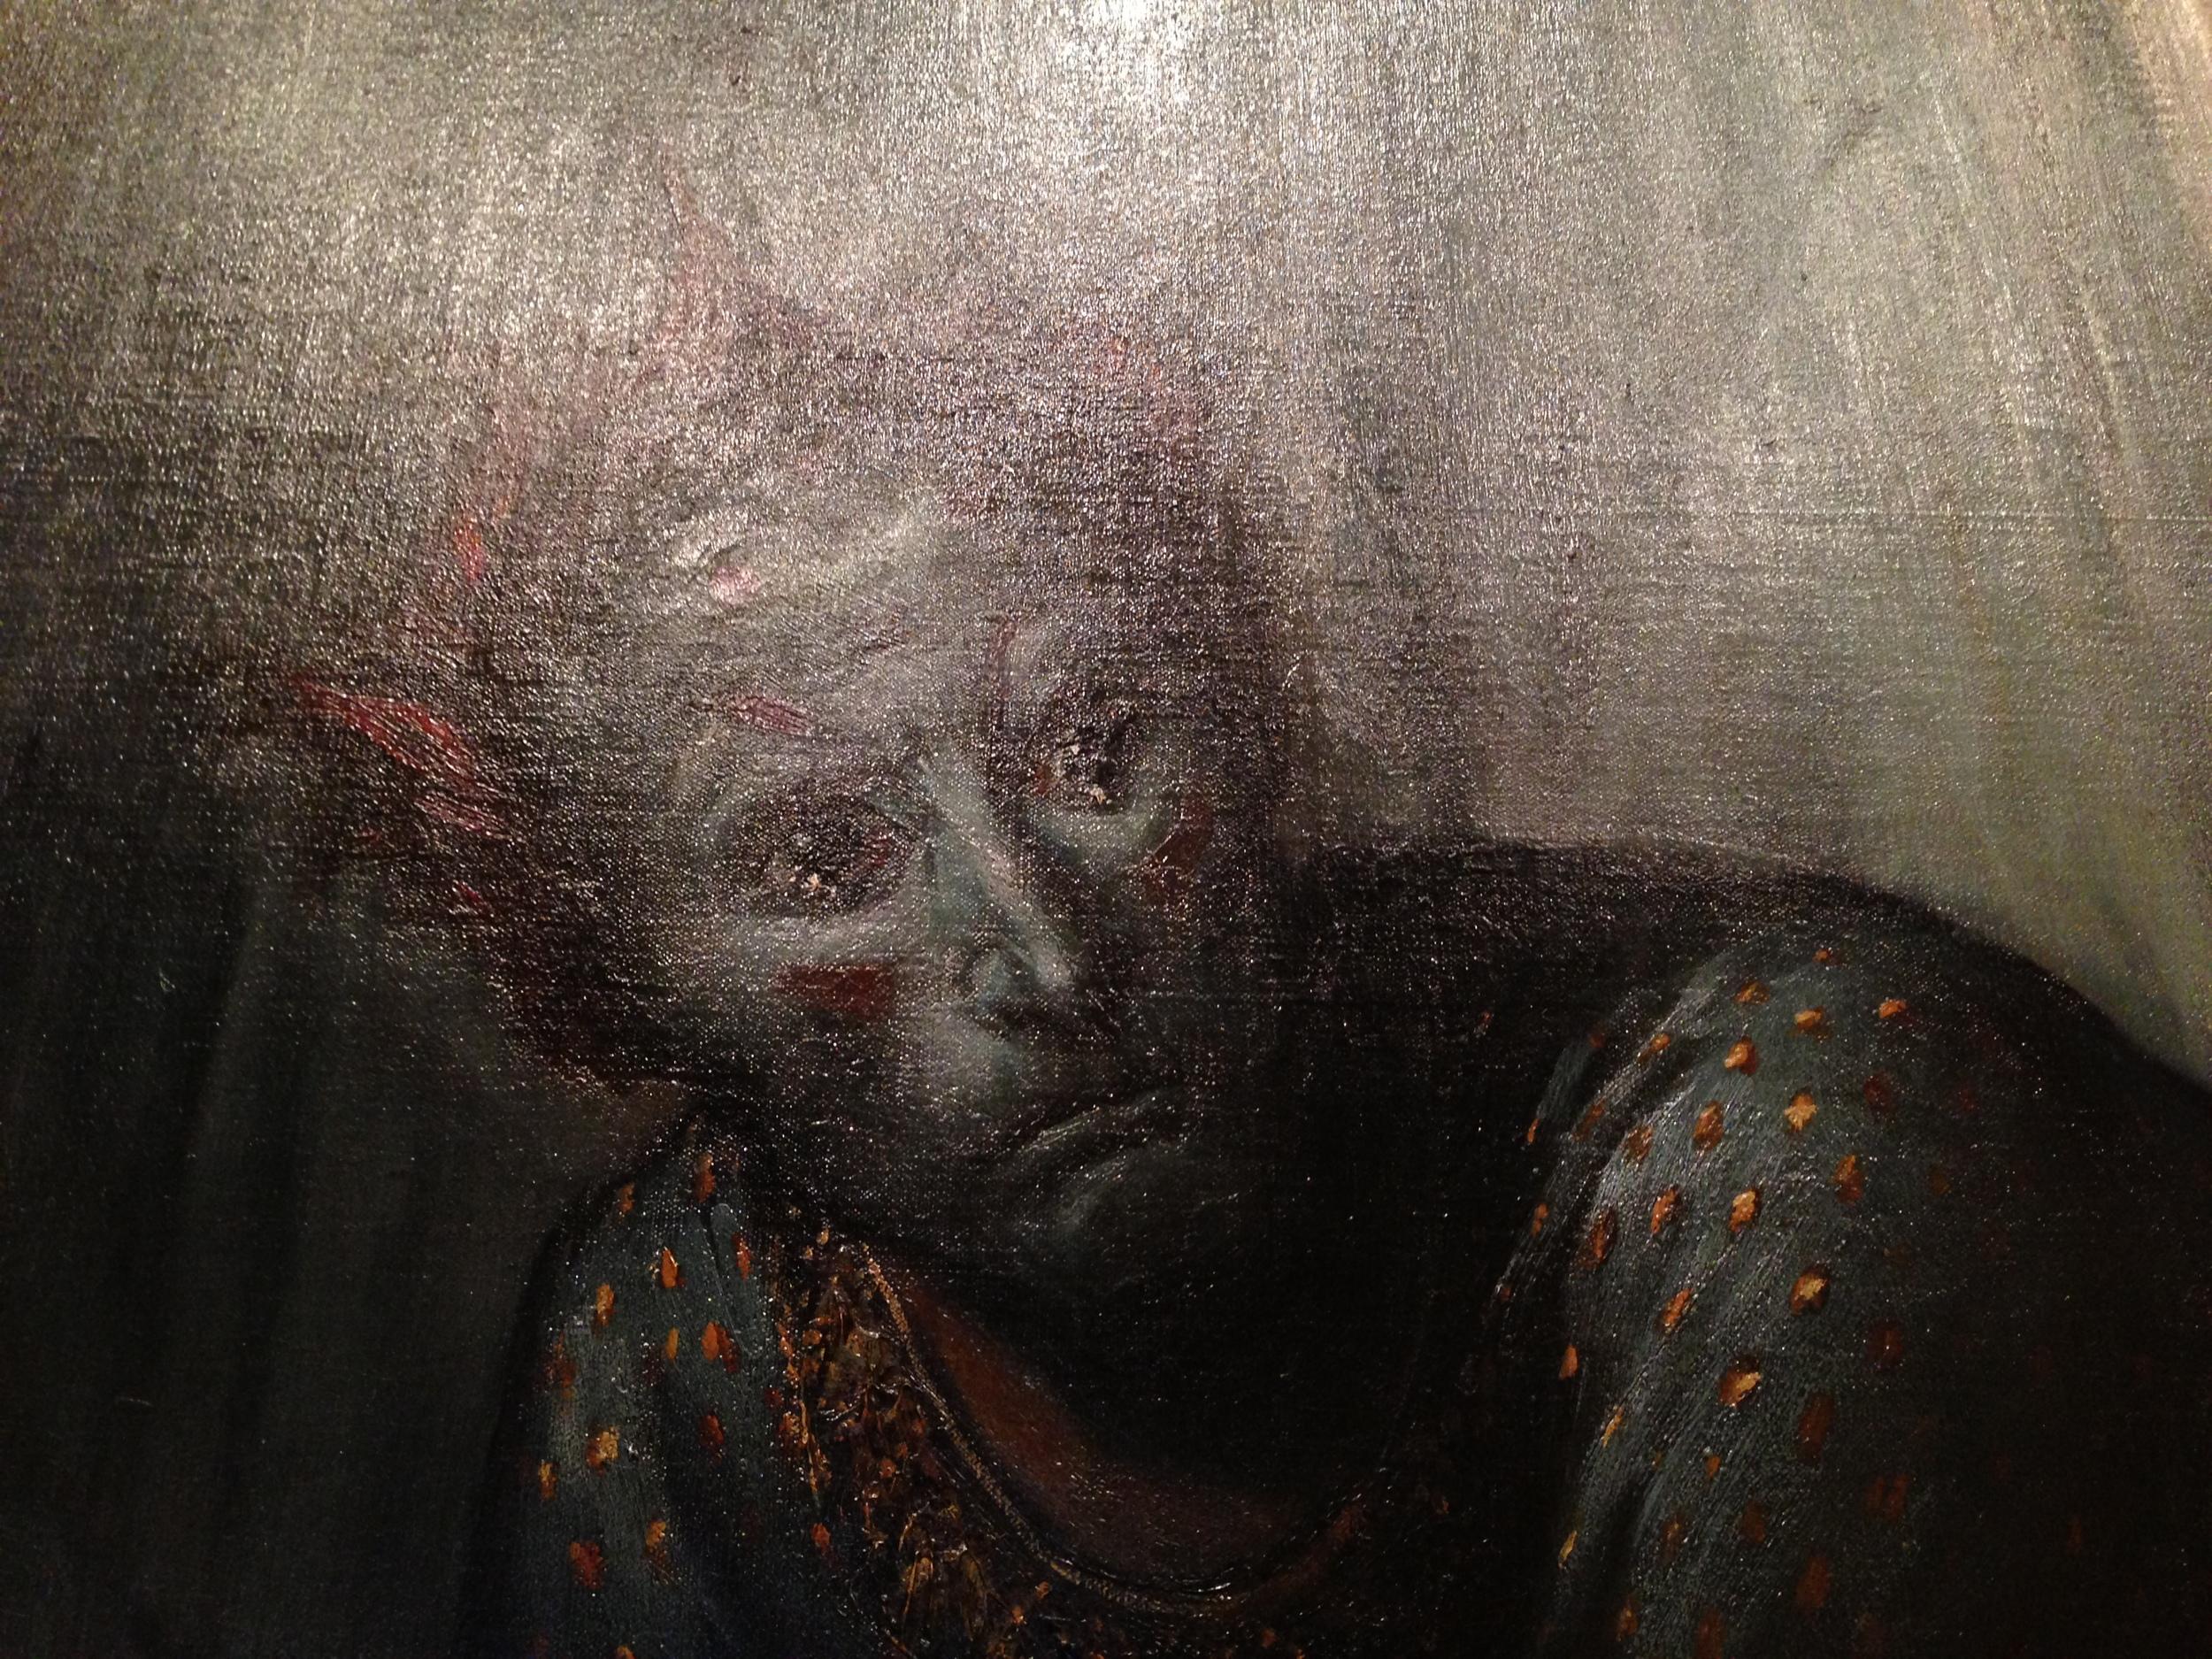 Angst on a father's face - La Famille du Saltimbanque: L'enfant Blessé by Gustave Doré